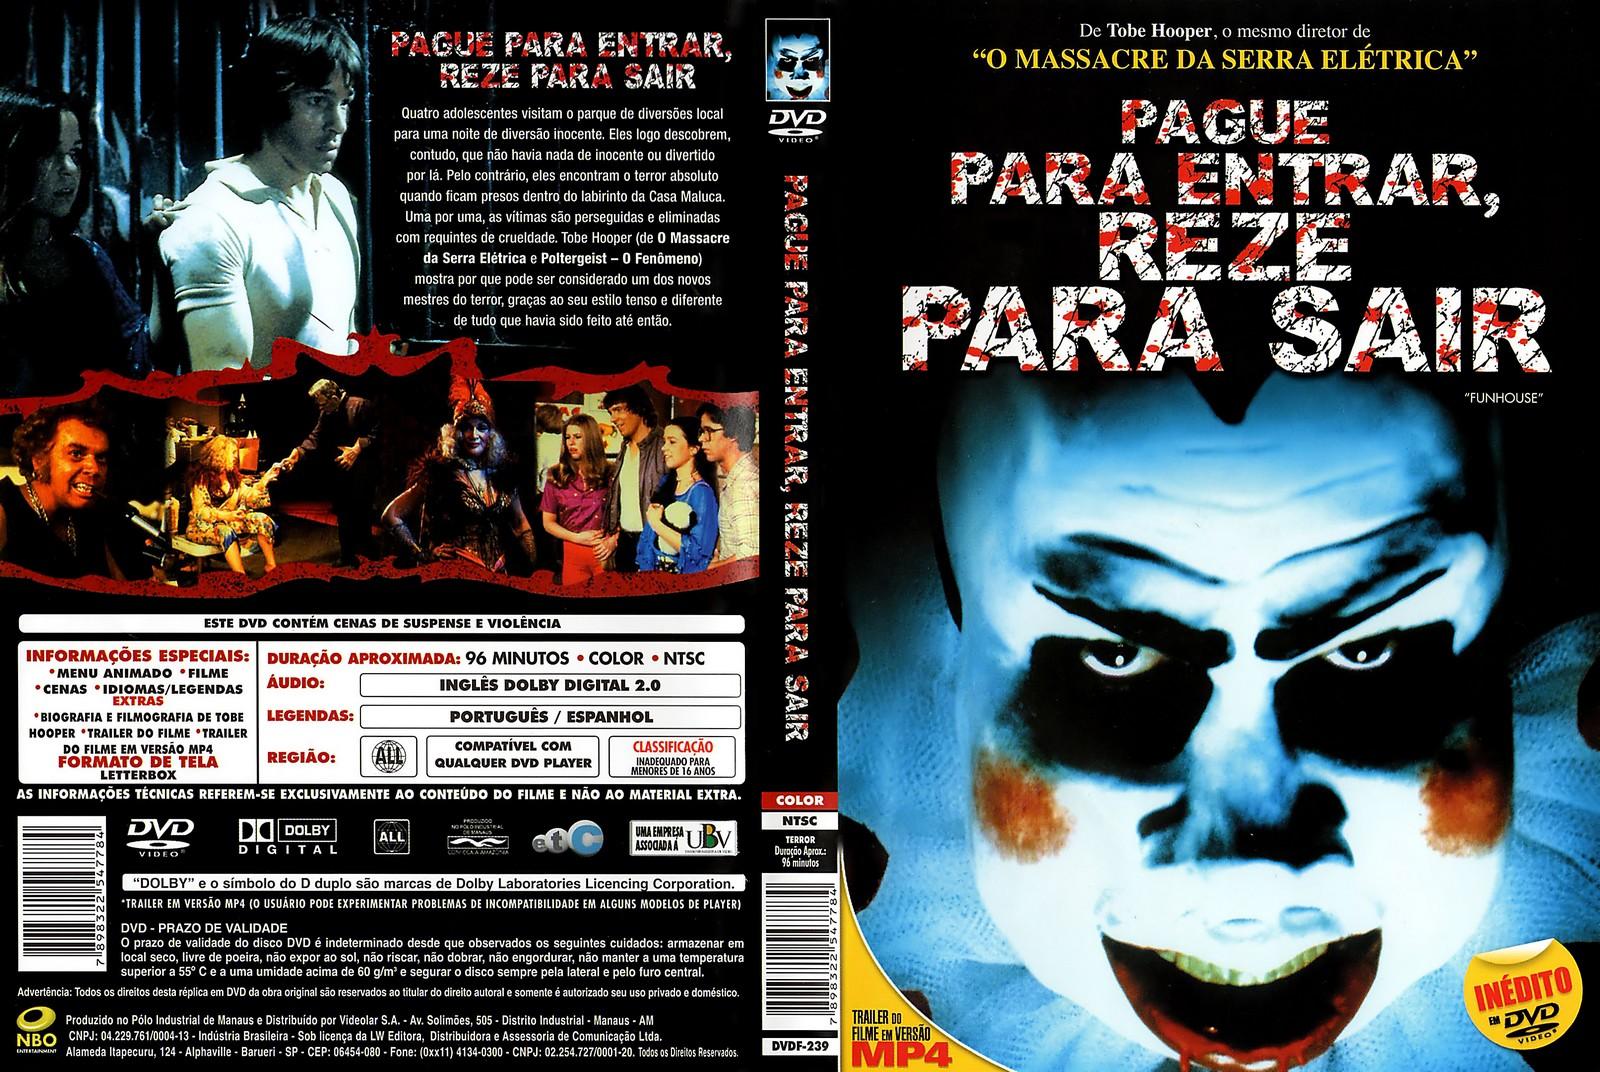 http://2.bp.blogspot.com/-ou6bz5MwPtI/T_GtQYsX5RI/AAAAAAAABX4/7avOSvZuUDc/s1600/Pague+Para+Entrar+Reze+Para+Sair.jpg